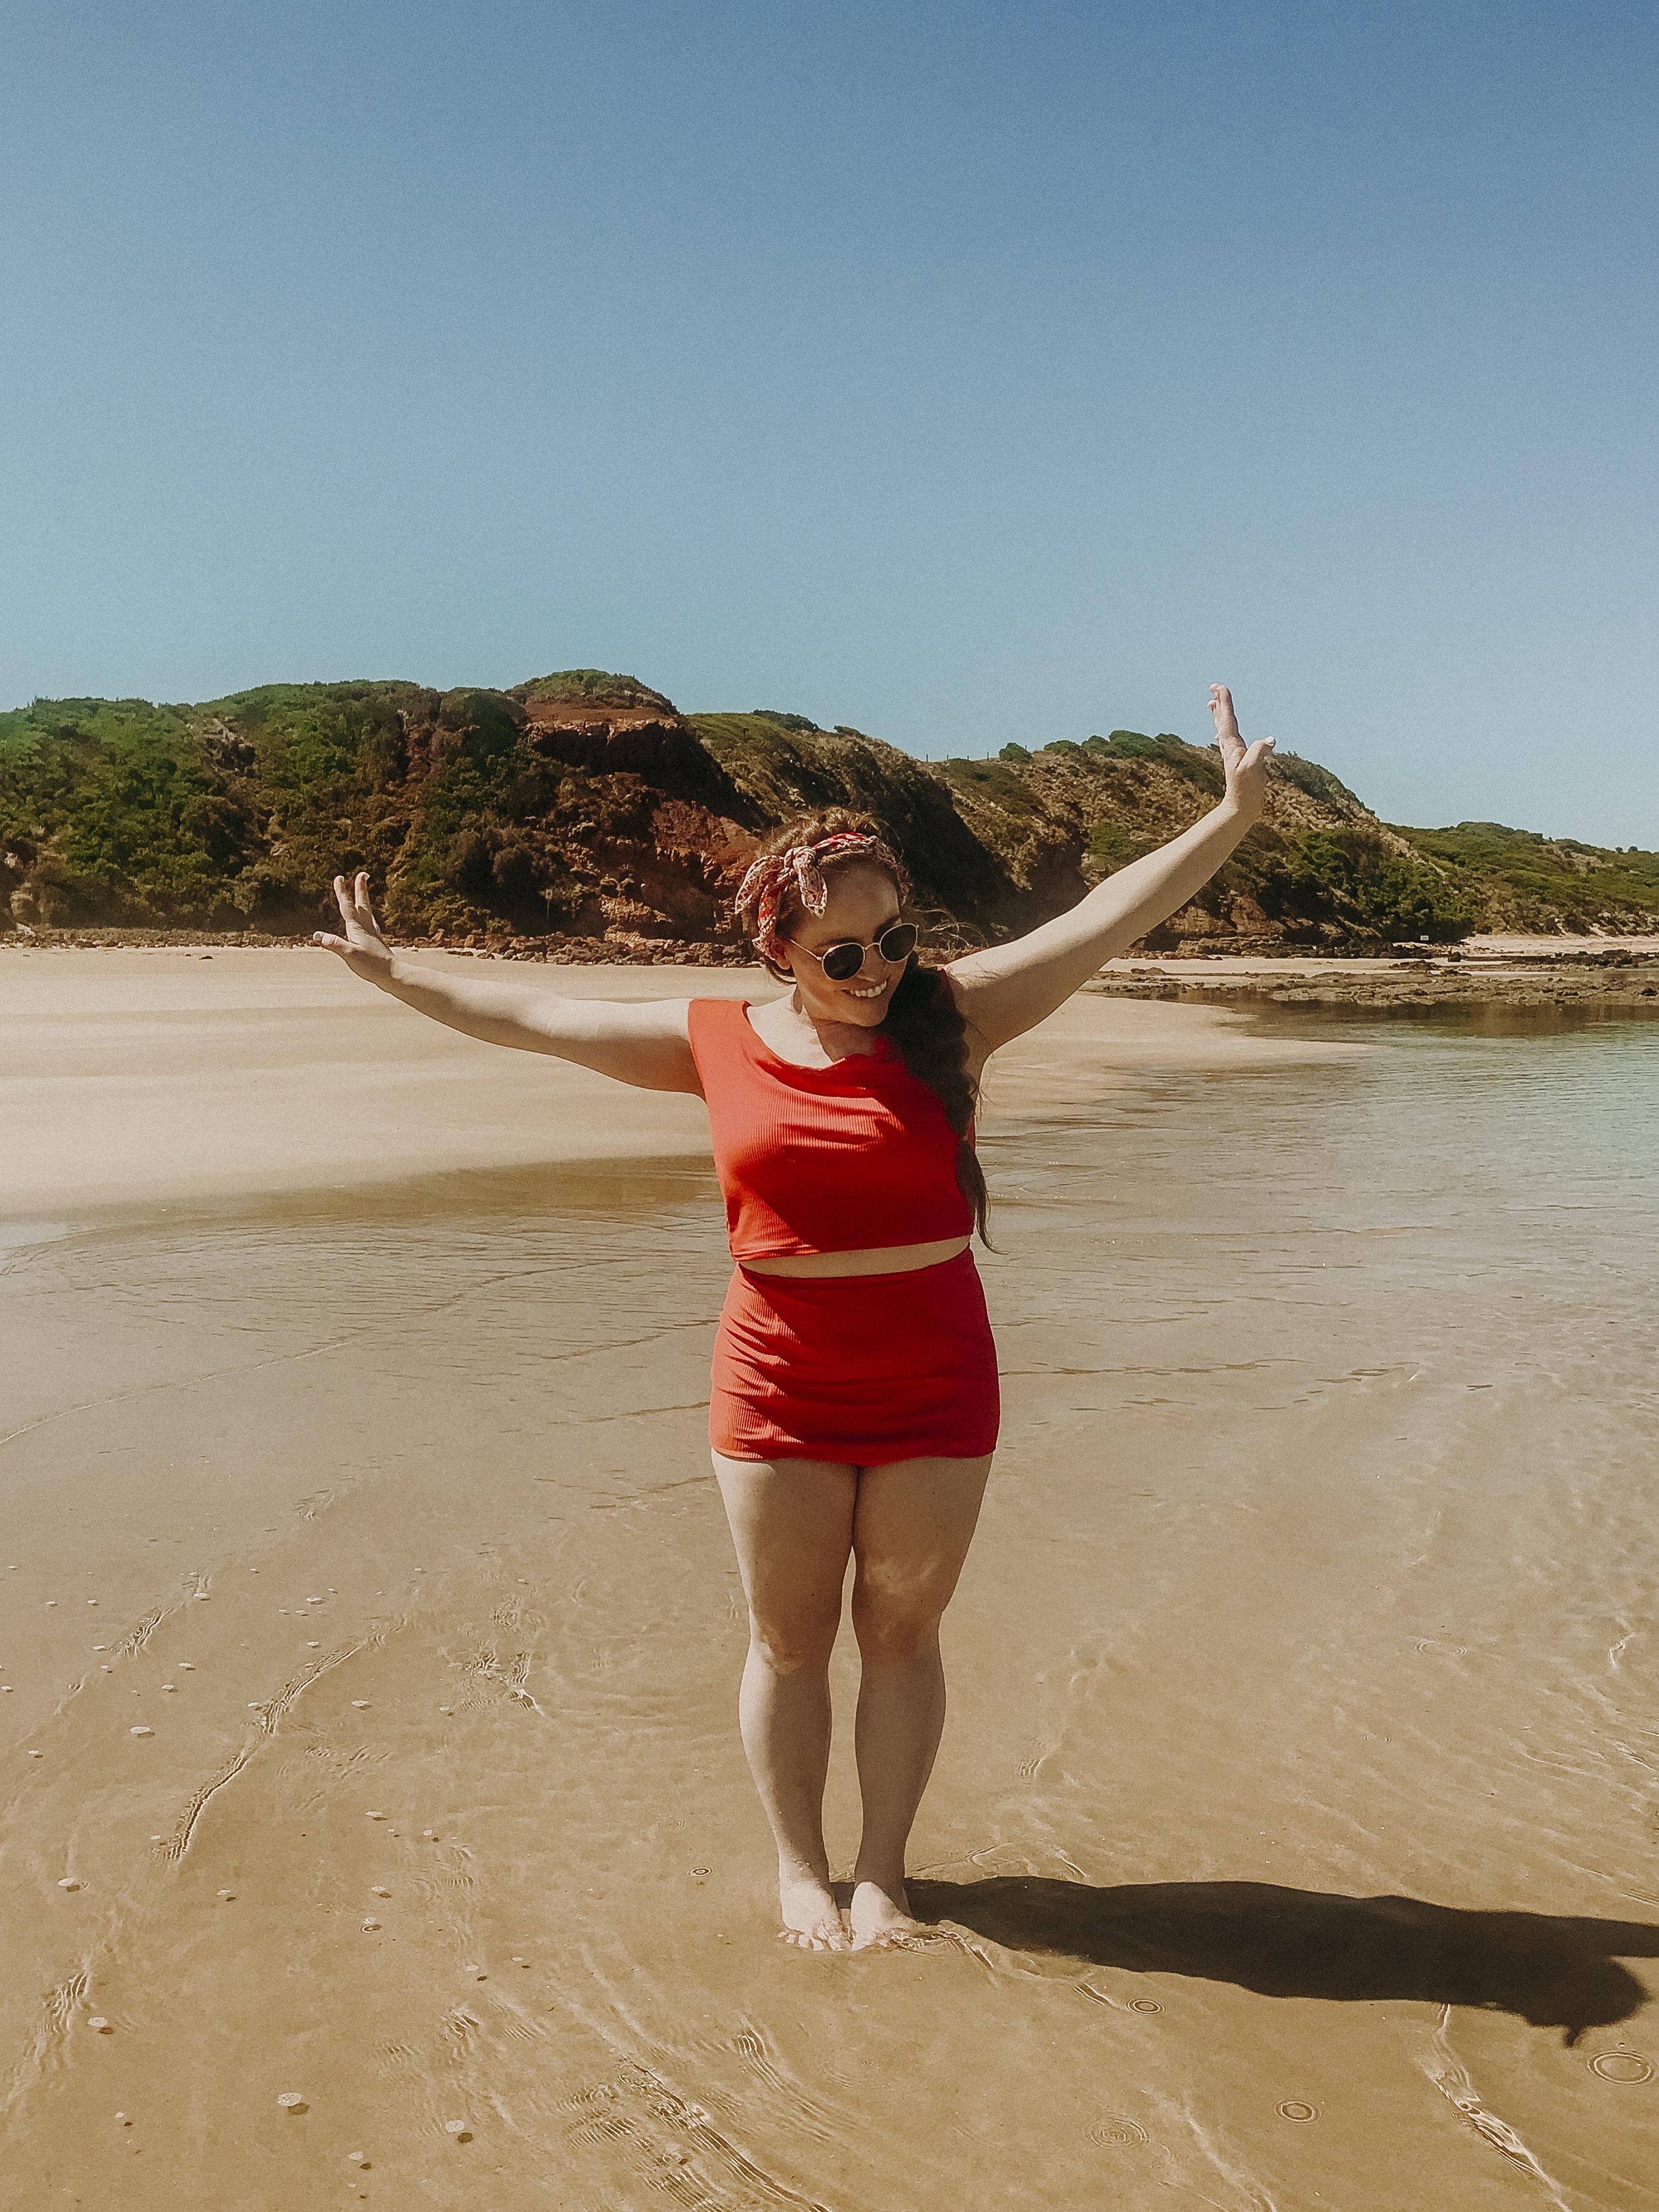 Kortni-Jean-Swimsuit-Review-Australia-Beaches-2.jpg